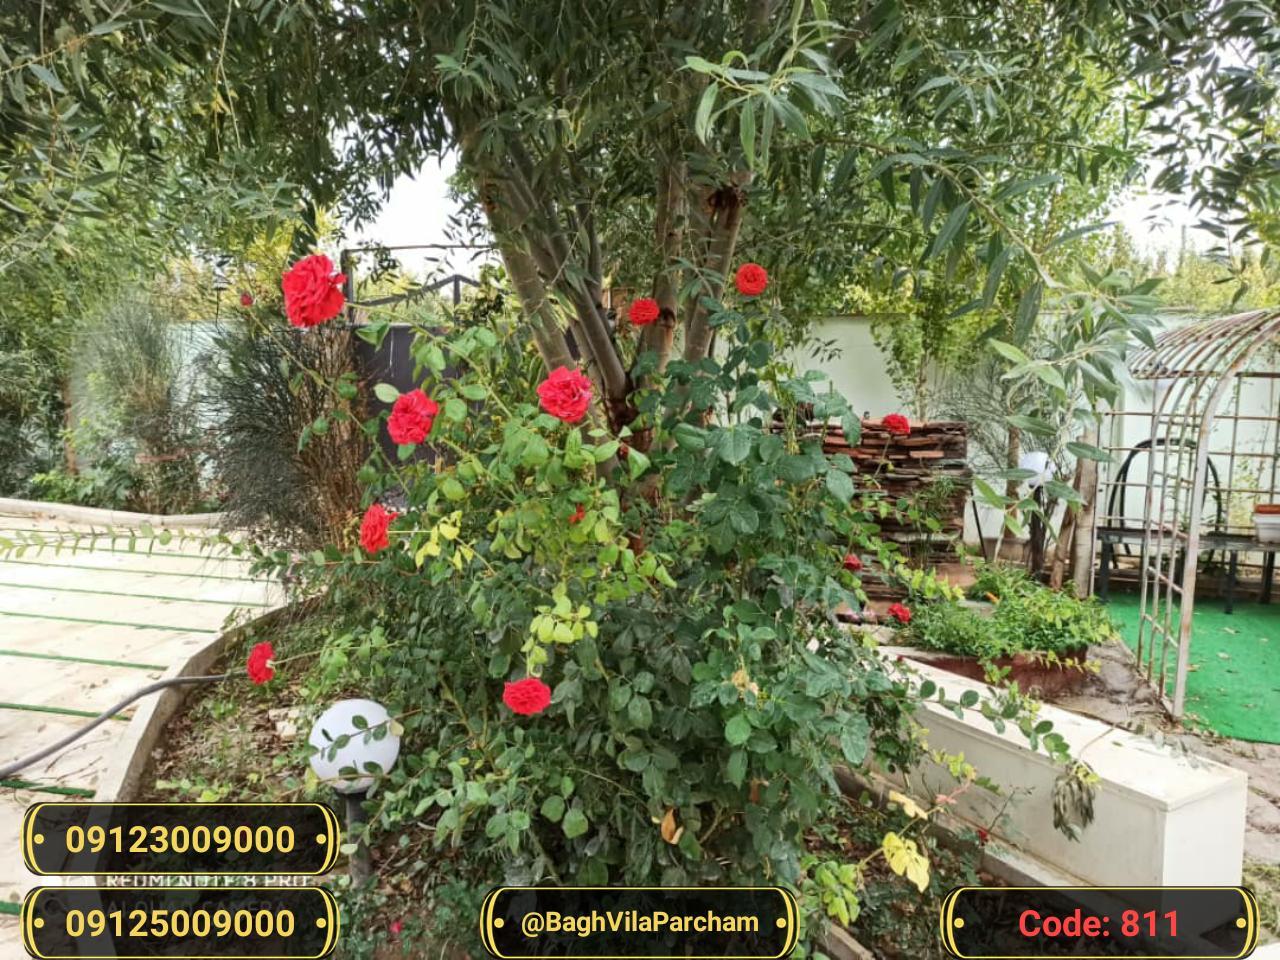 تصویر عکس باغ ویلا شماره 20 از ویلای ۸۰۰ متر ویلا Picture photo image 20 of ۸۰۰ متر ویلا